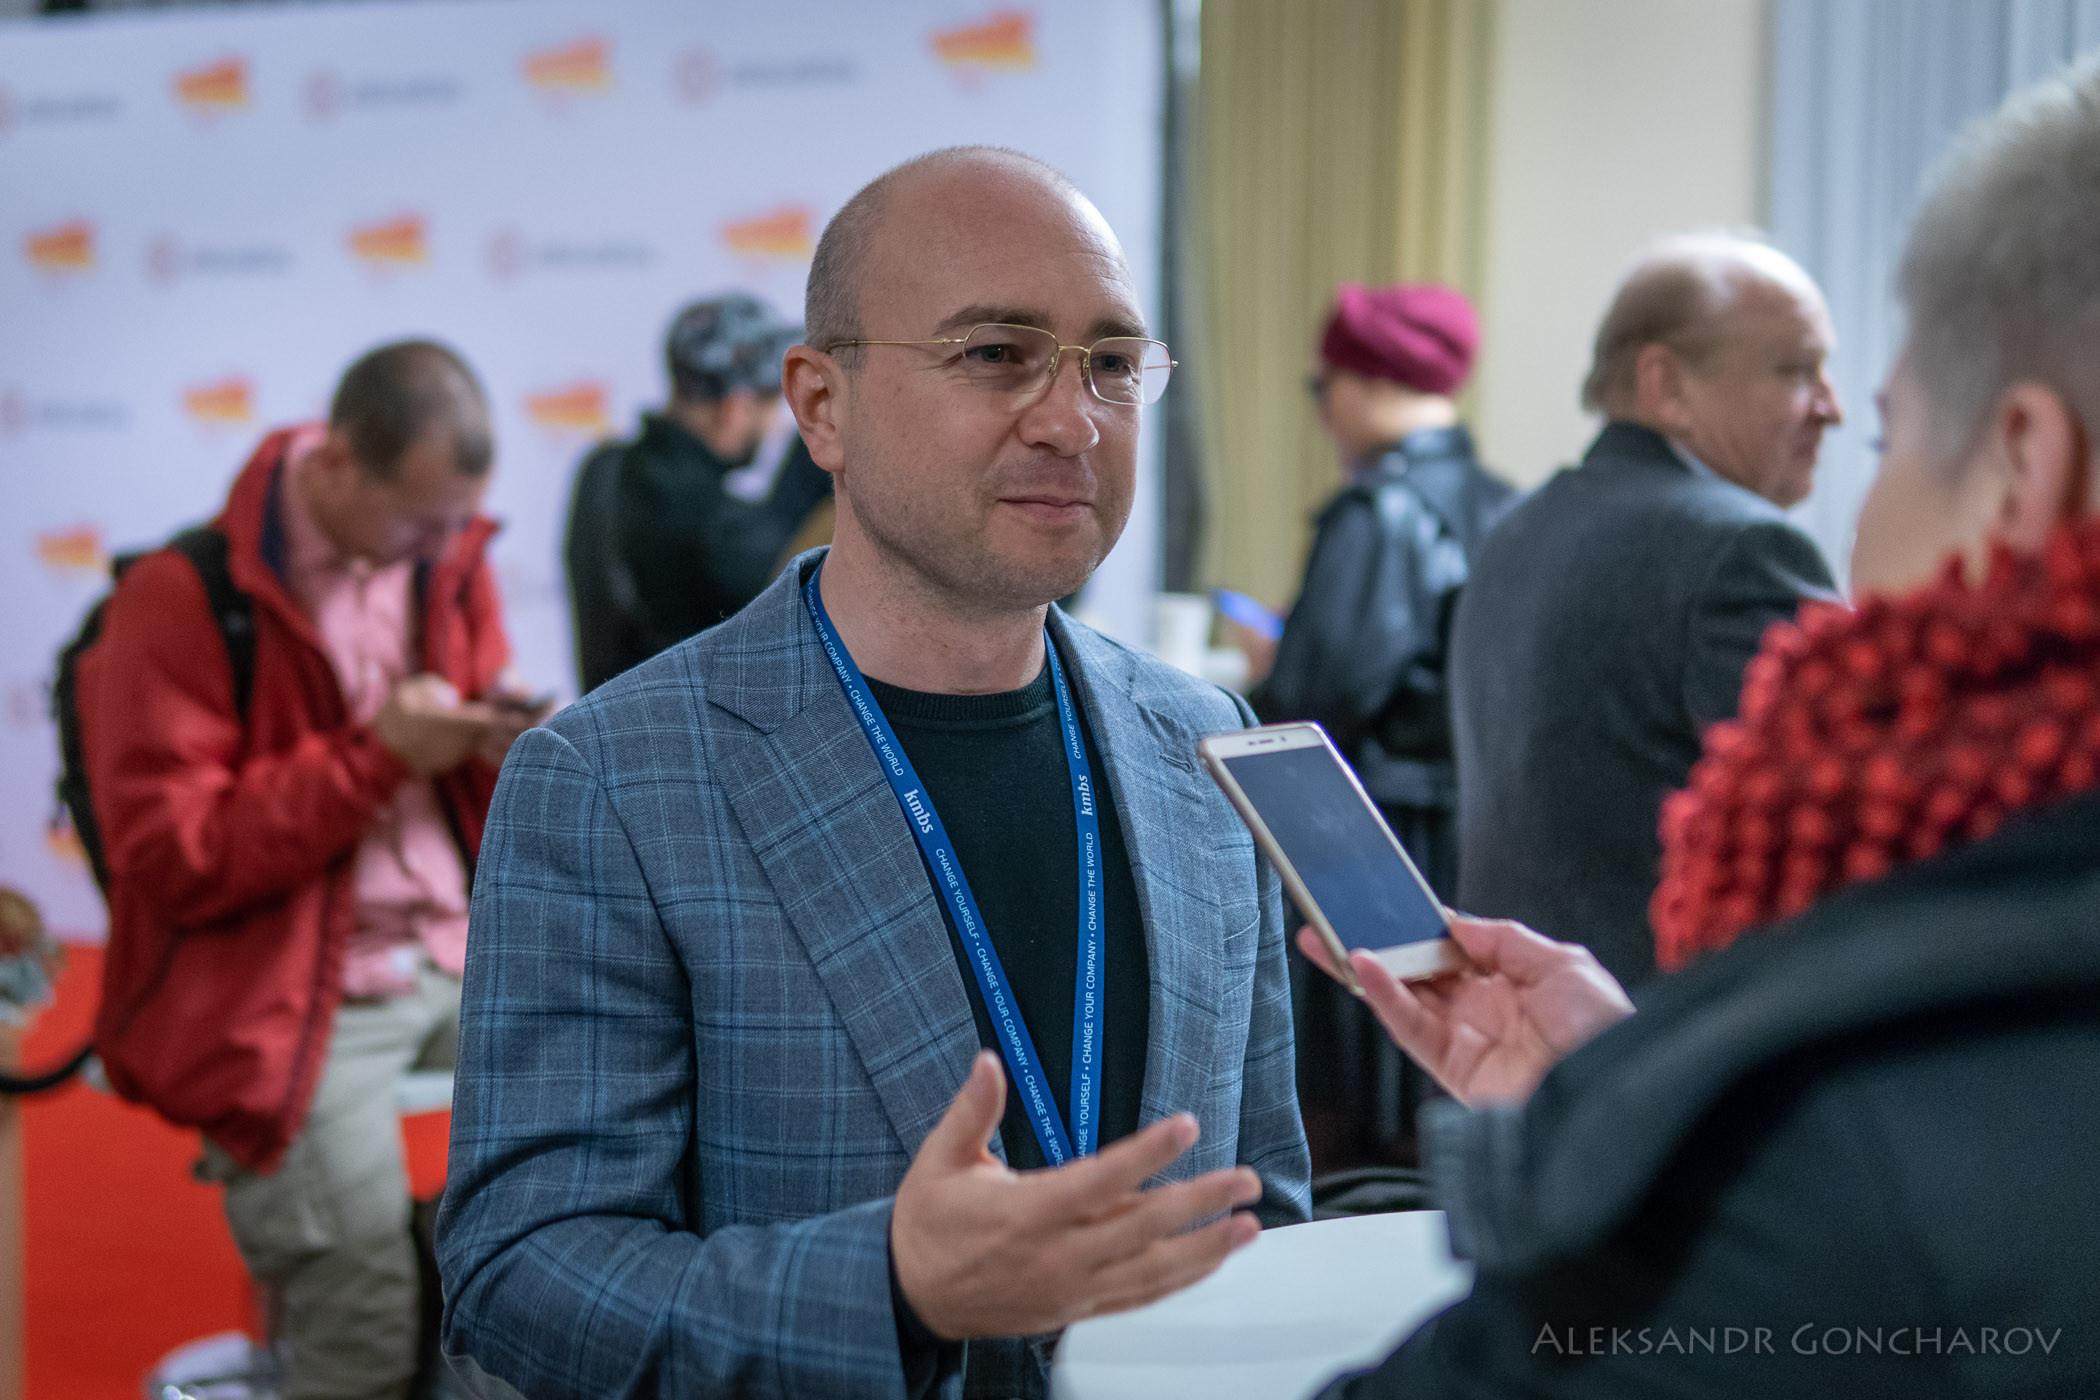 Александр Лиев, глава правозащитной группы «20 февраля», бывший министр курорта и туризма АР Крым